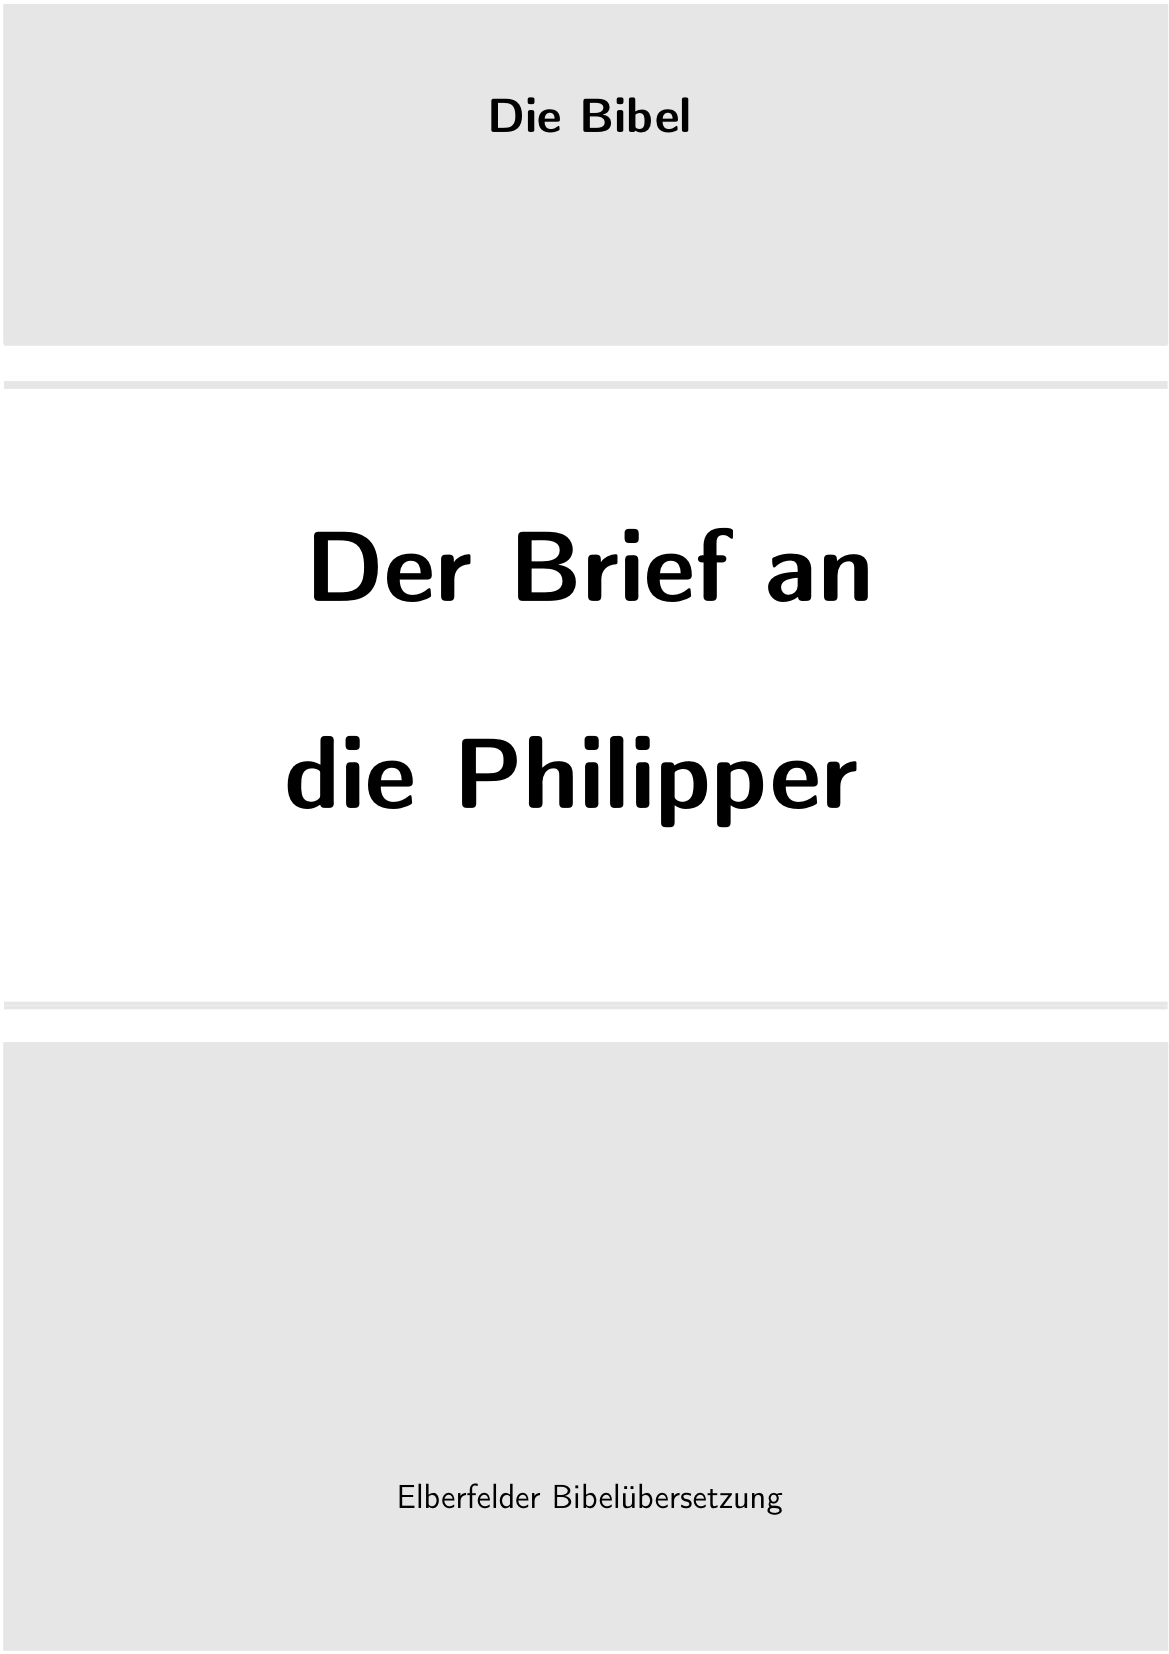 philipper